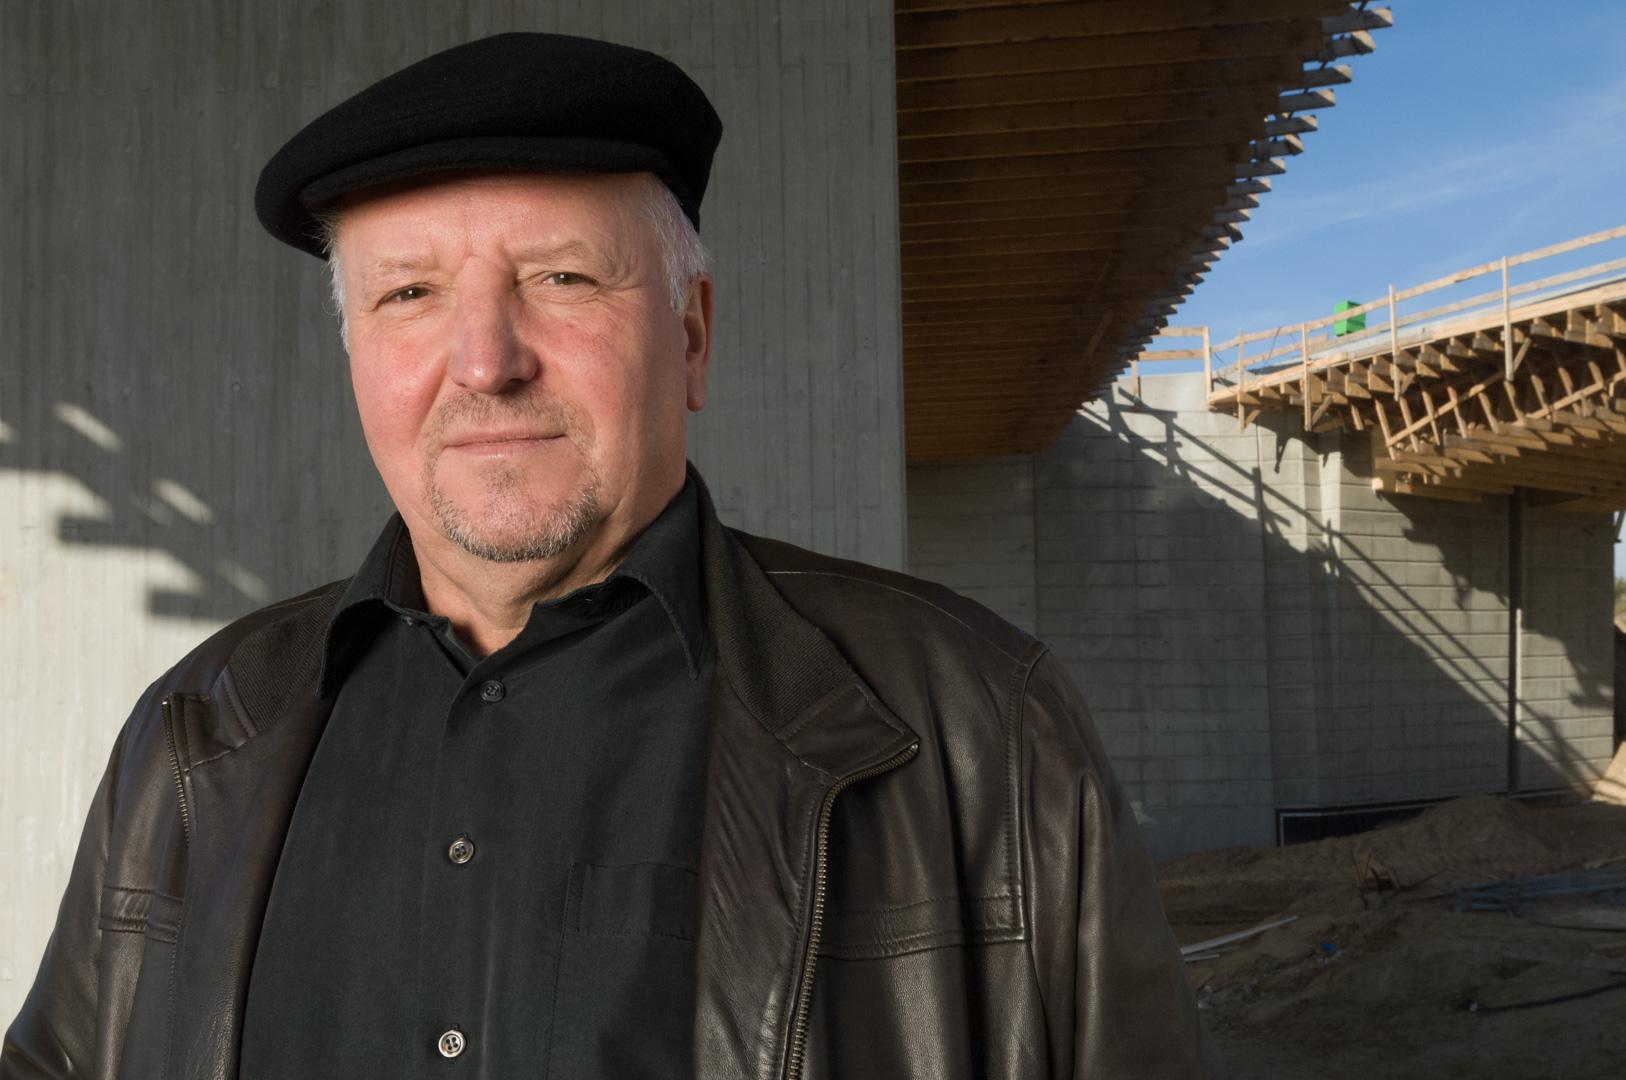 Geschäftsführer Portrait eines Geschäftsführers im Baugewerbe auf einer Baustelle in Berlin Schönefeld- Brückenbau-Strassenbau